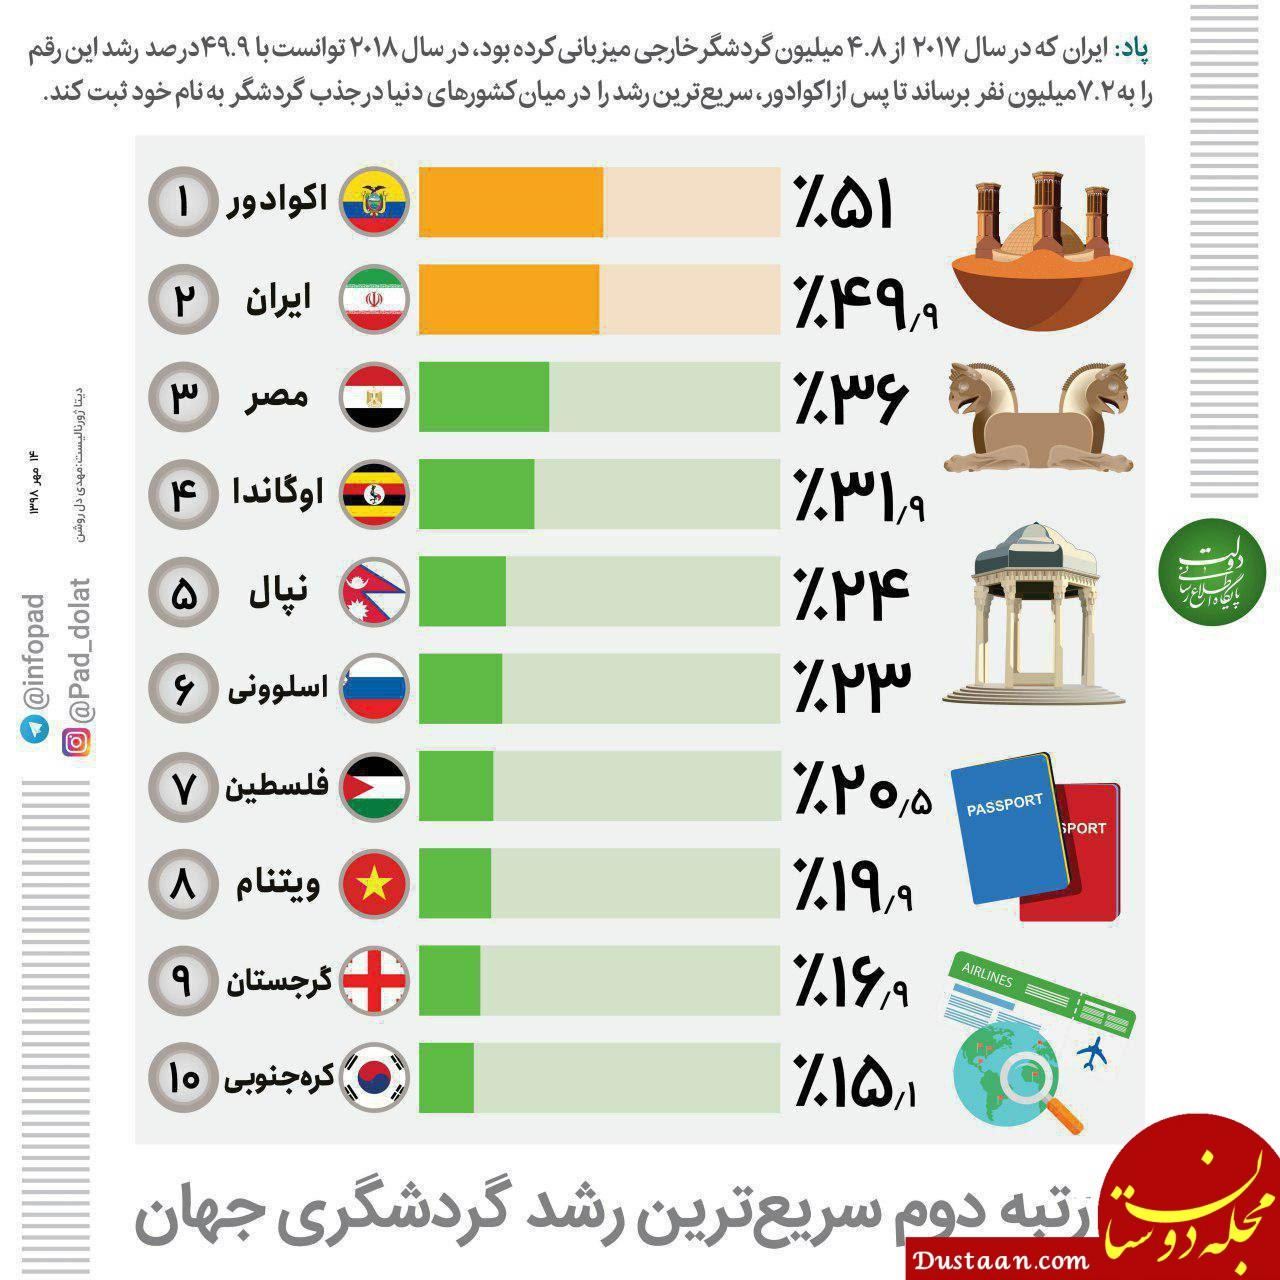 ایران ، رتبه دوم سریع ترین رشد گردشگری جهان